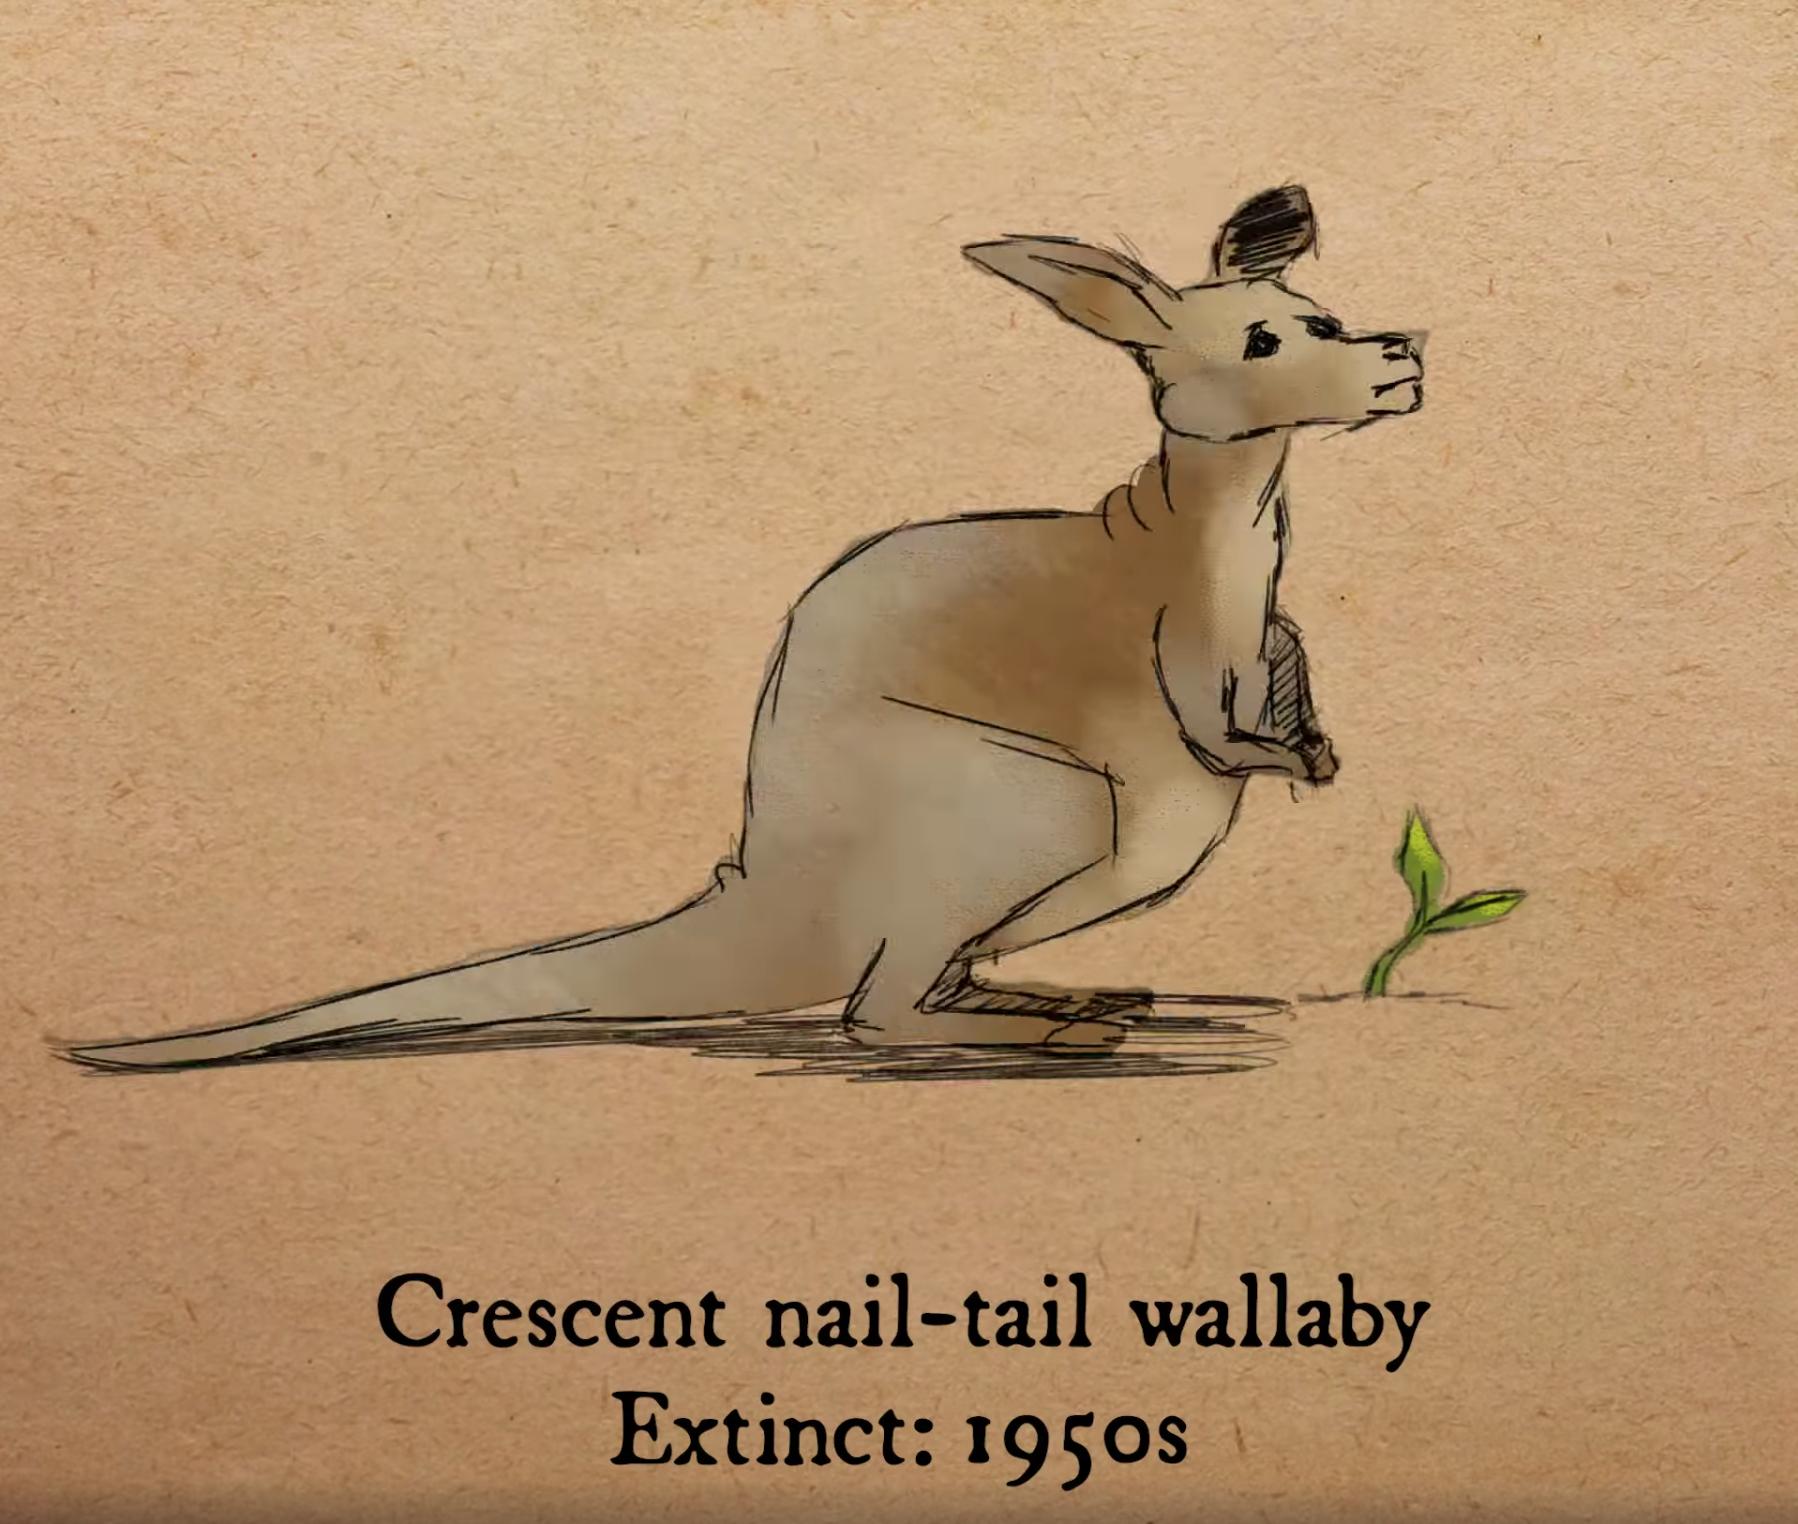 新月甲尾袋鼠(Crescent nail-tail wallaby)